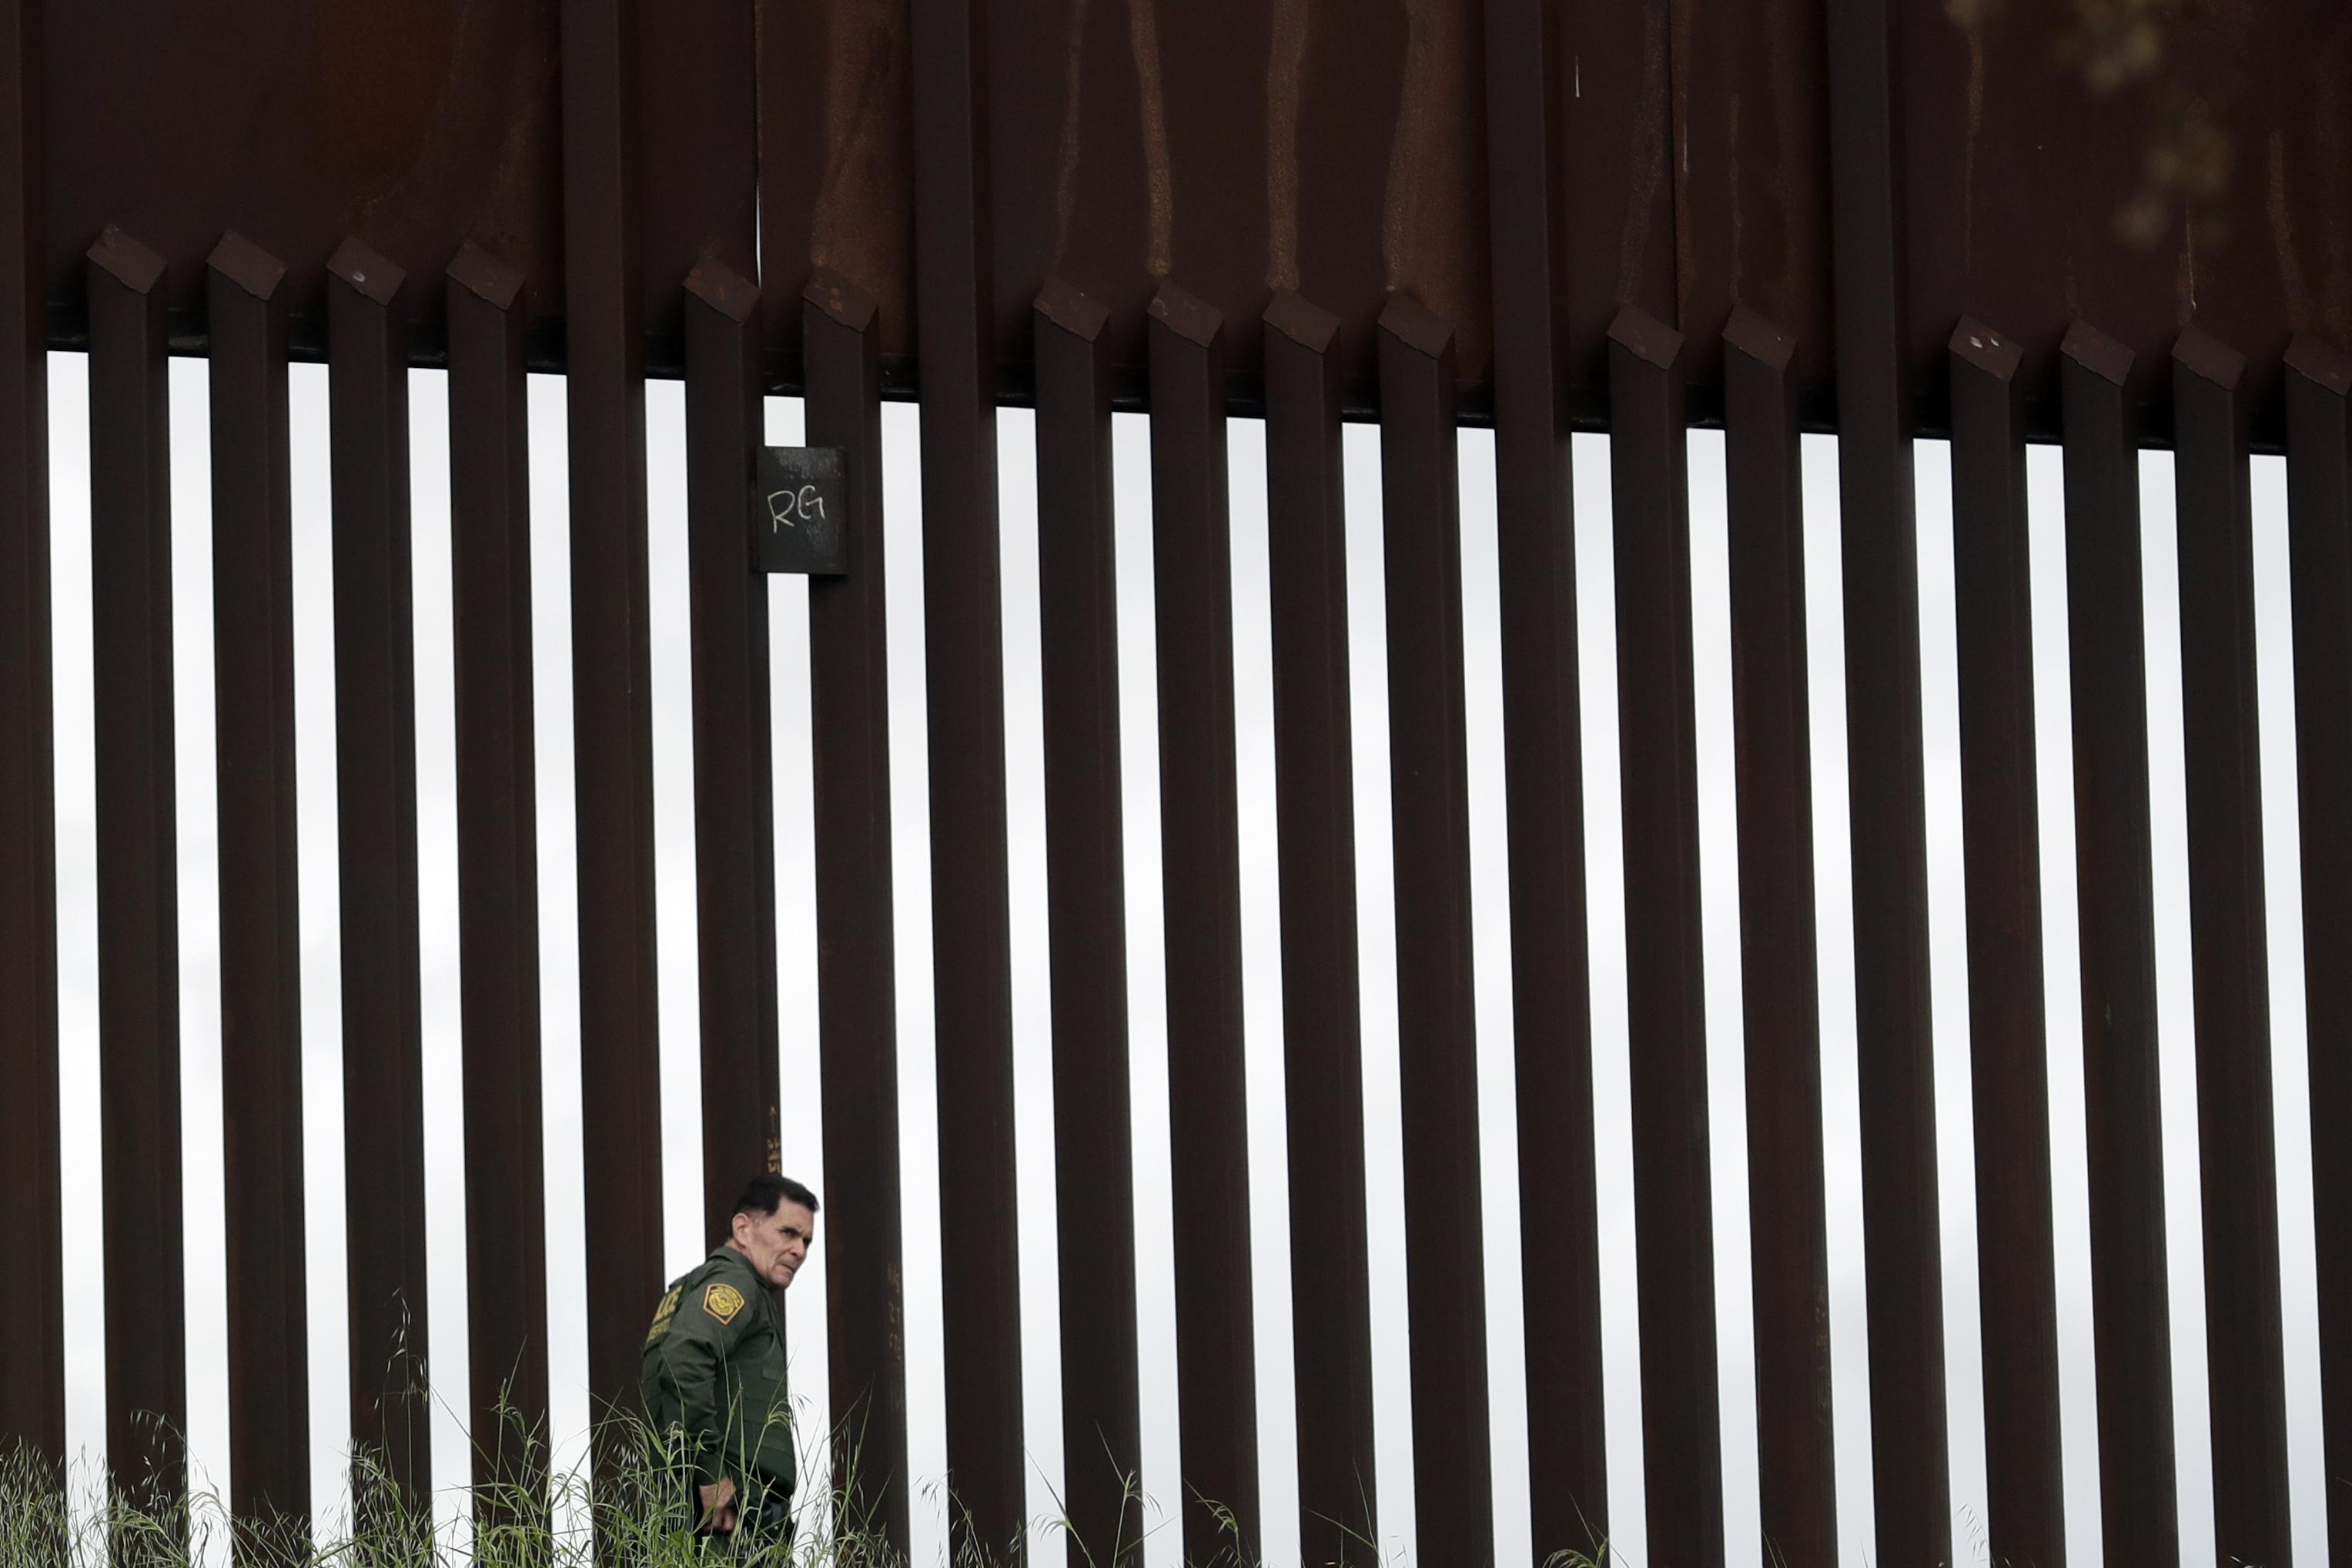 Un agente de la patrulla fronteriza camina a lo largo de un muro fronterizo que separa a Tijuana, México, de San Diego, el miércoles 18 de marzo de 2020 en San Diego.